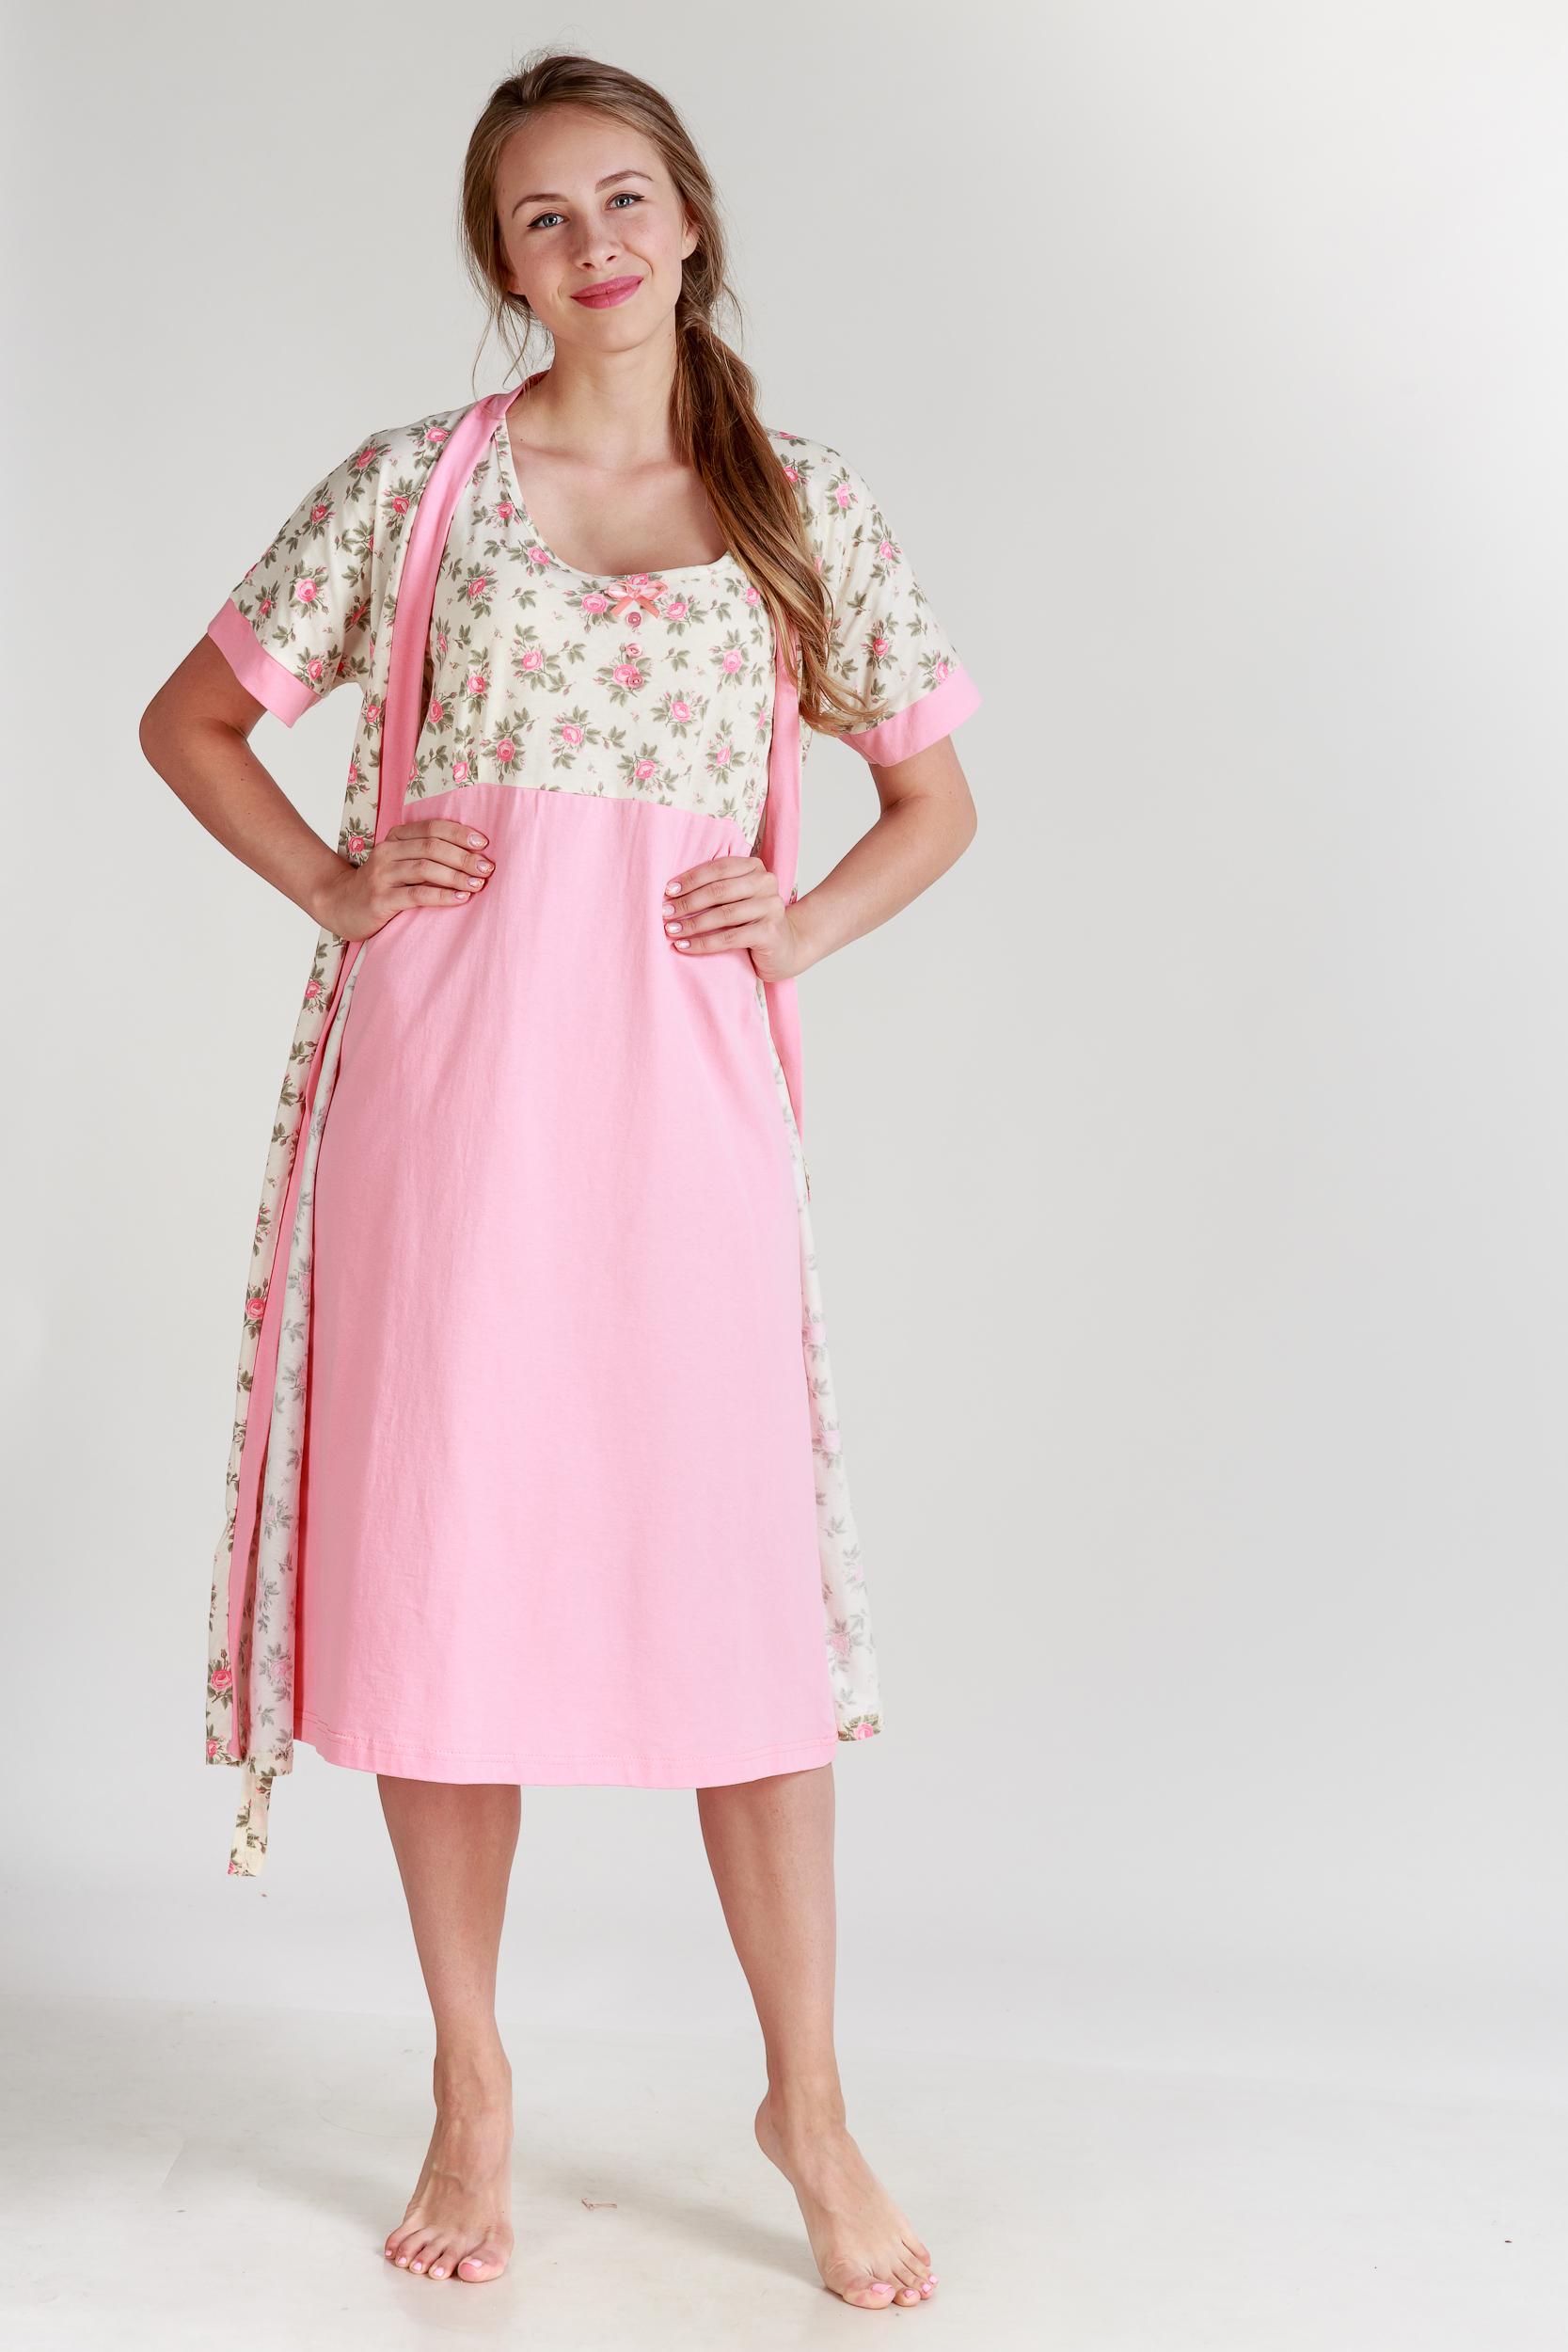 Домашние халаты Pastilla Халат и сорочка Ваниль Цвет: Коралловый (L-xL) халаты домашние лори халат